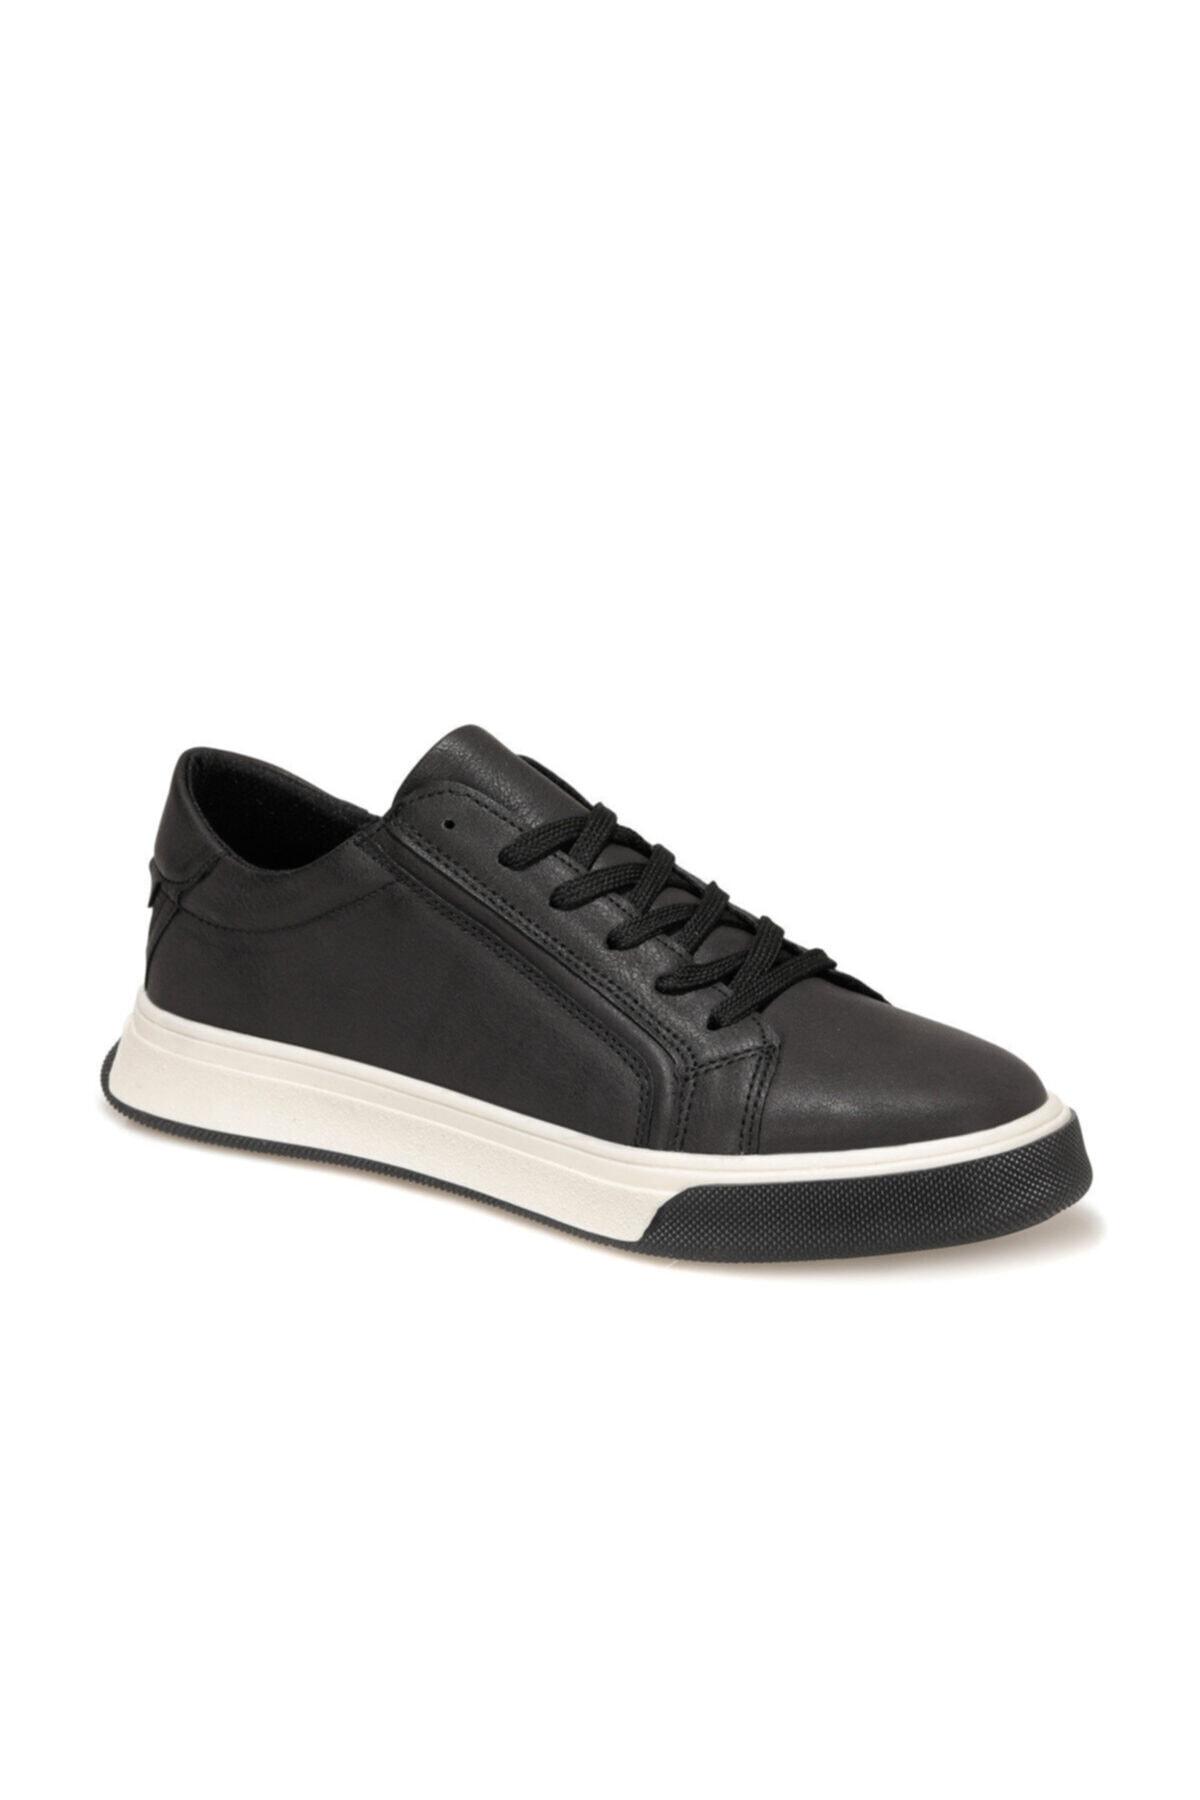 FORESTER 9104 1FX Siyah Erkek Kalın Tabanlı Sneaker 100909439 1